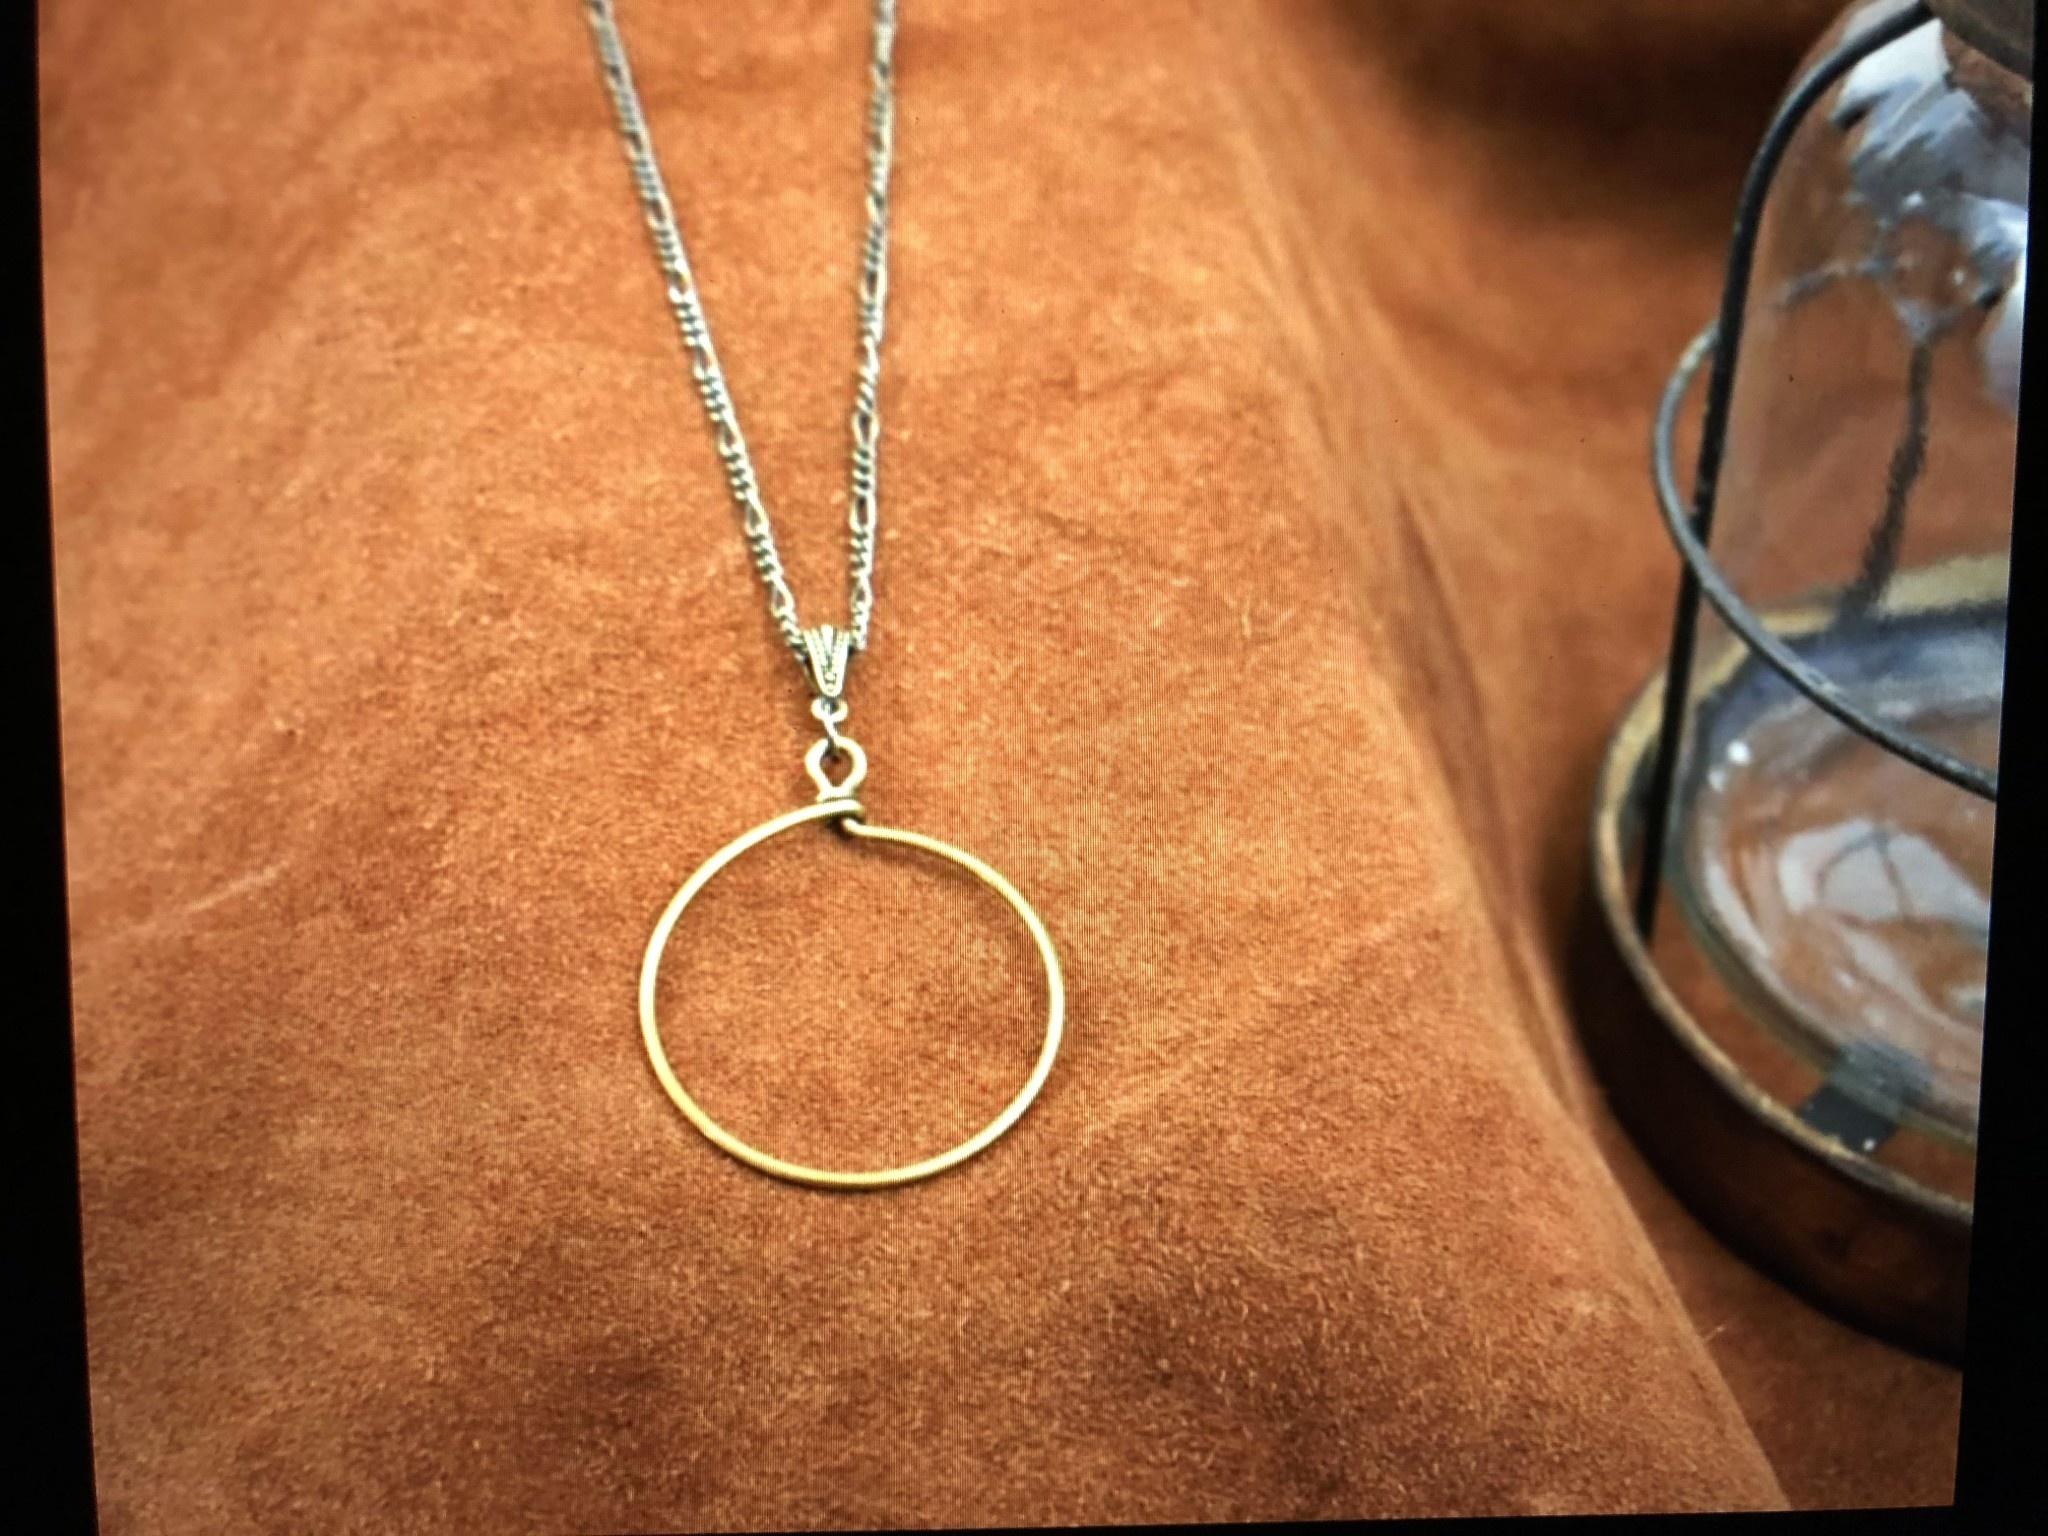 cool water jewelry NC415 Necklace: Brass Figaroe Chain w/Brass Hoop